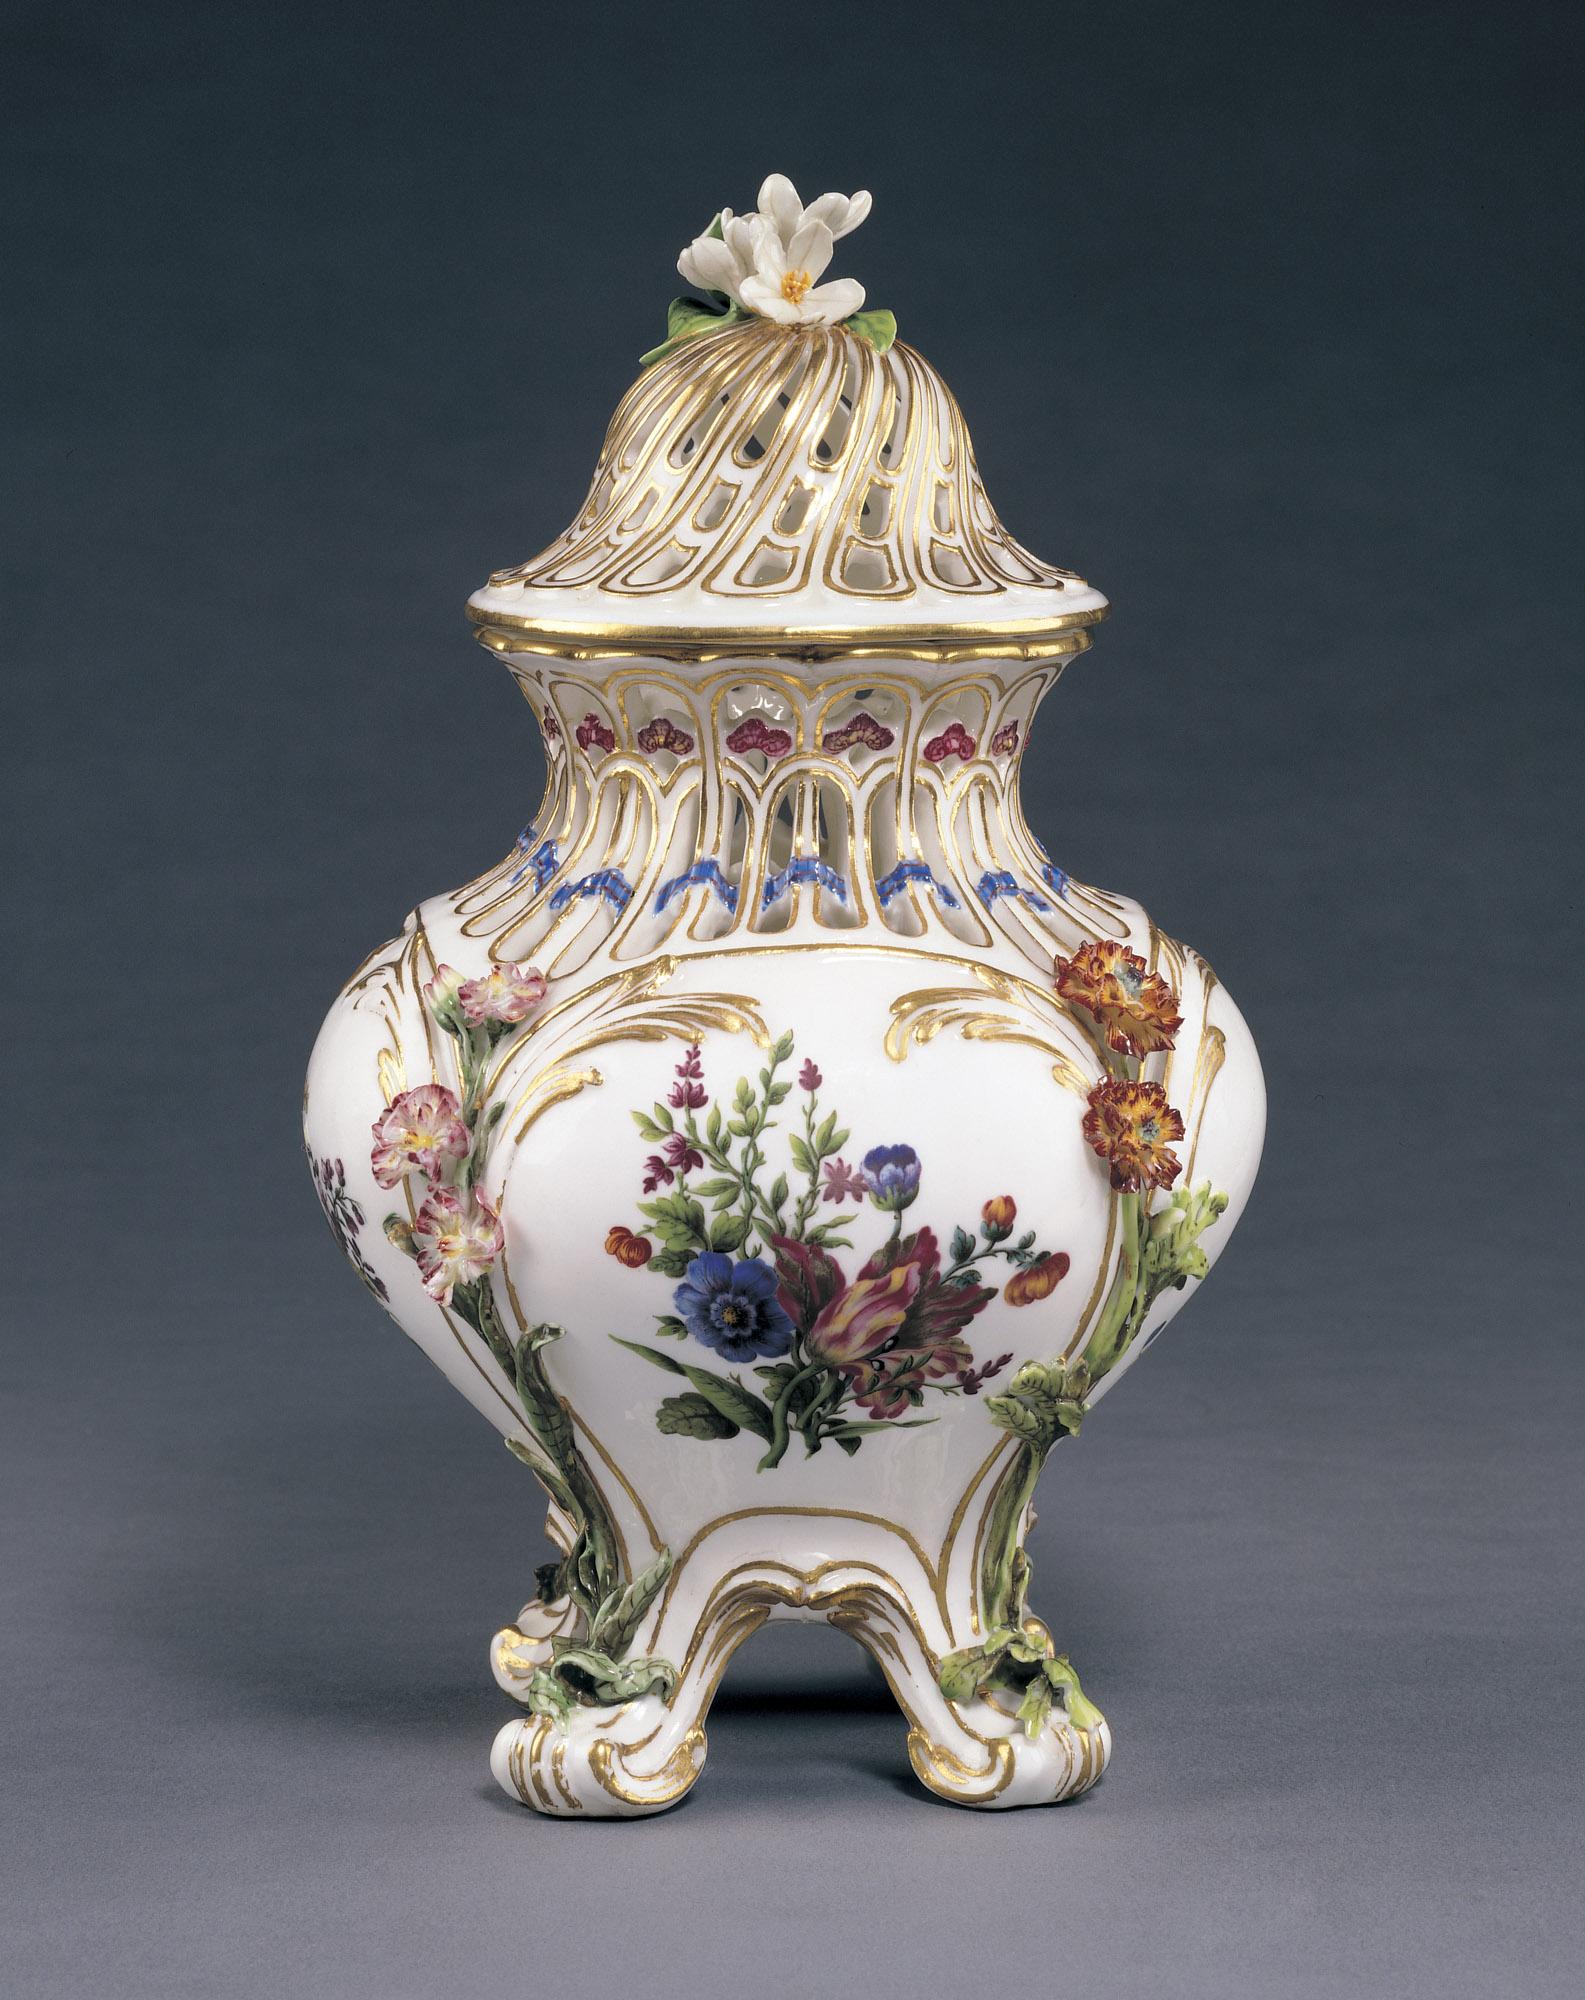 Vincennes Porcelain Factory, 1752-53, 1917.982